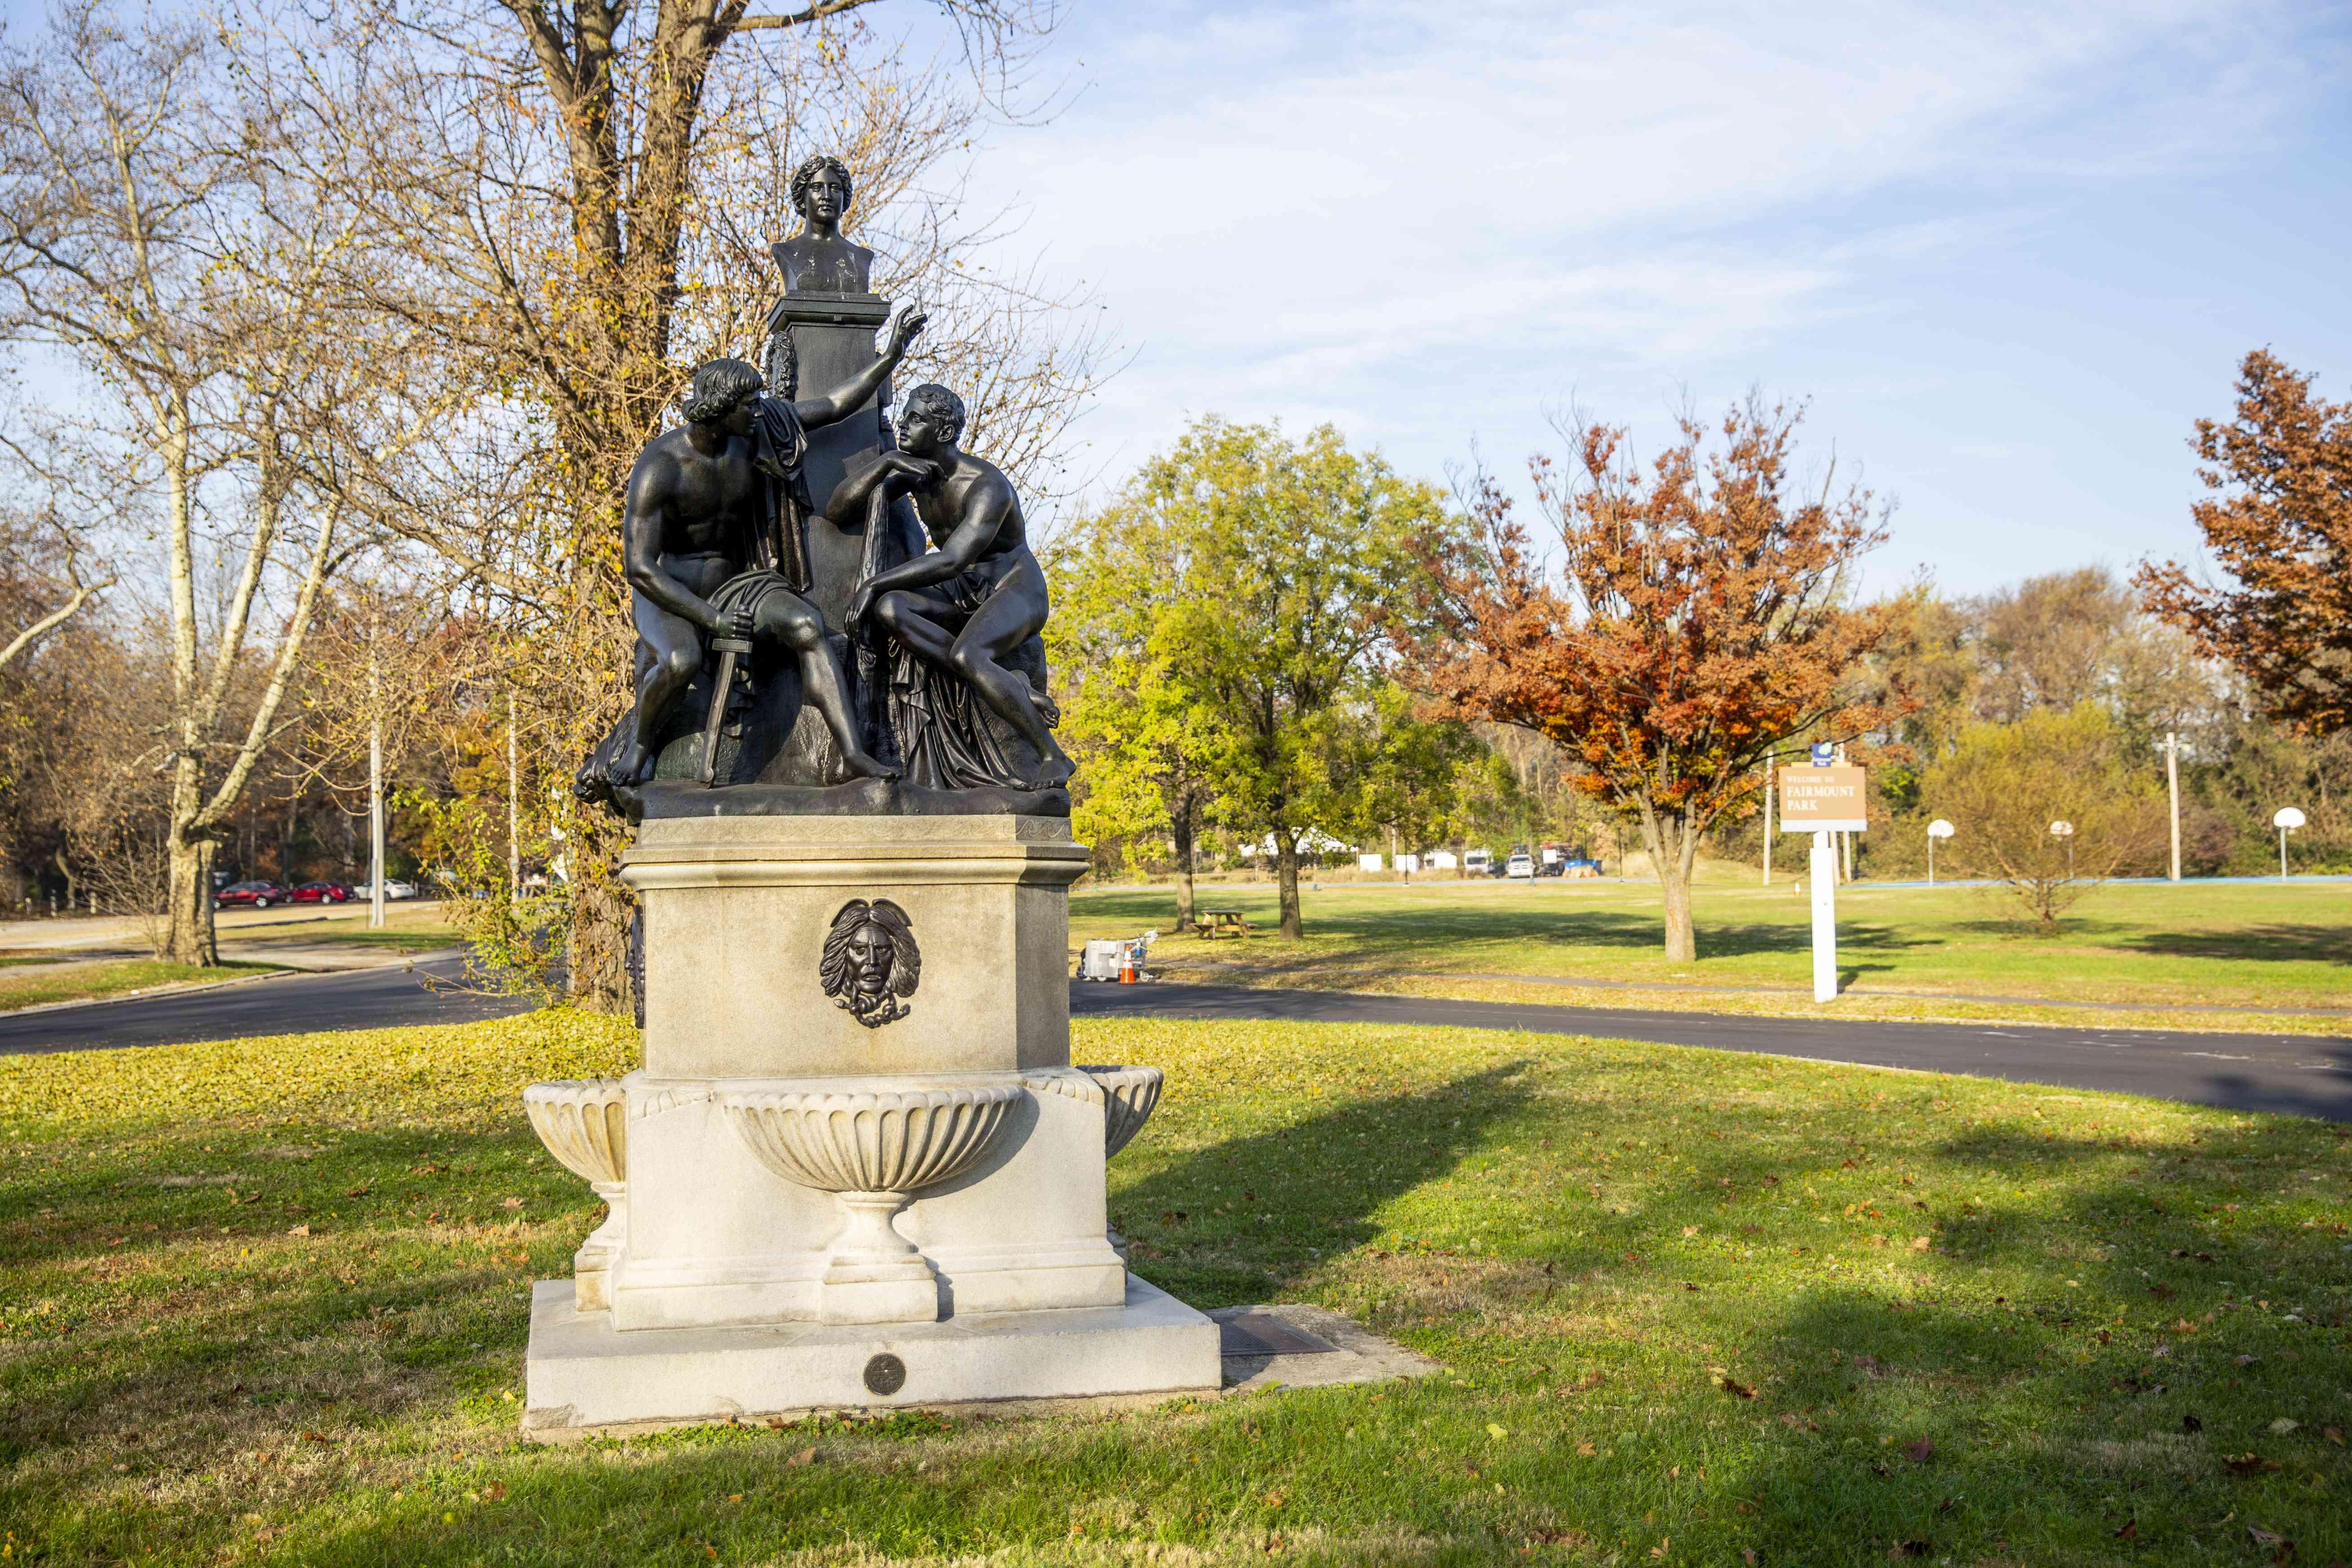 Statue at Fairmount Park in Philadelphia